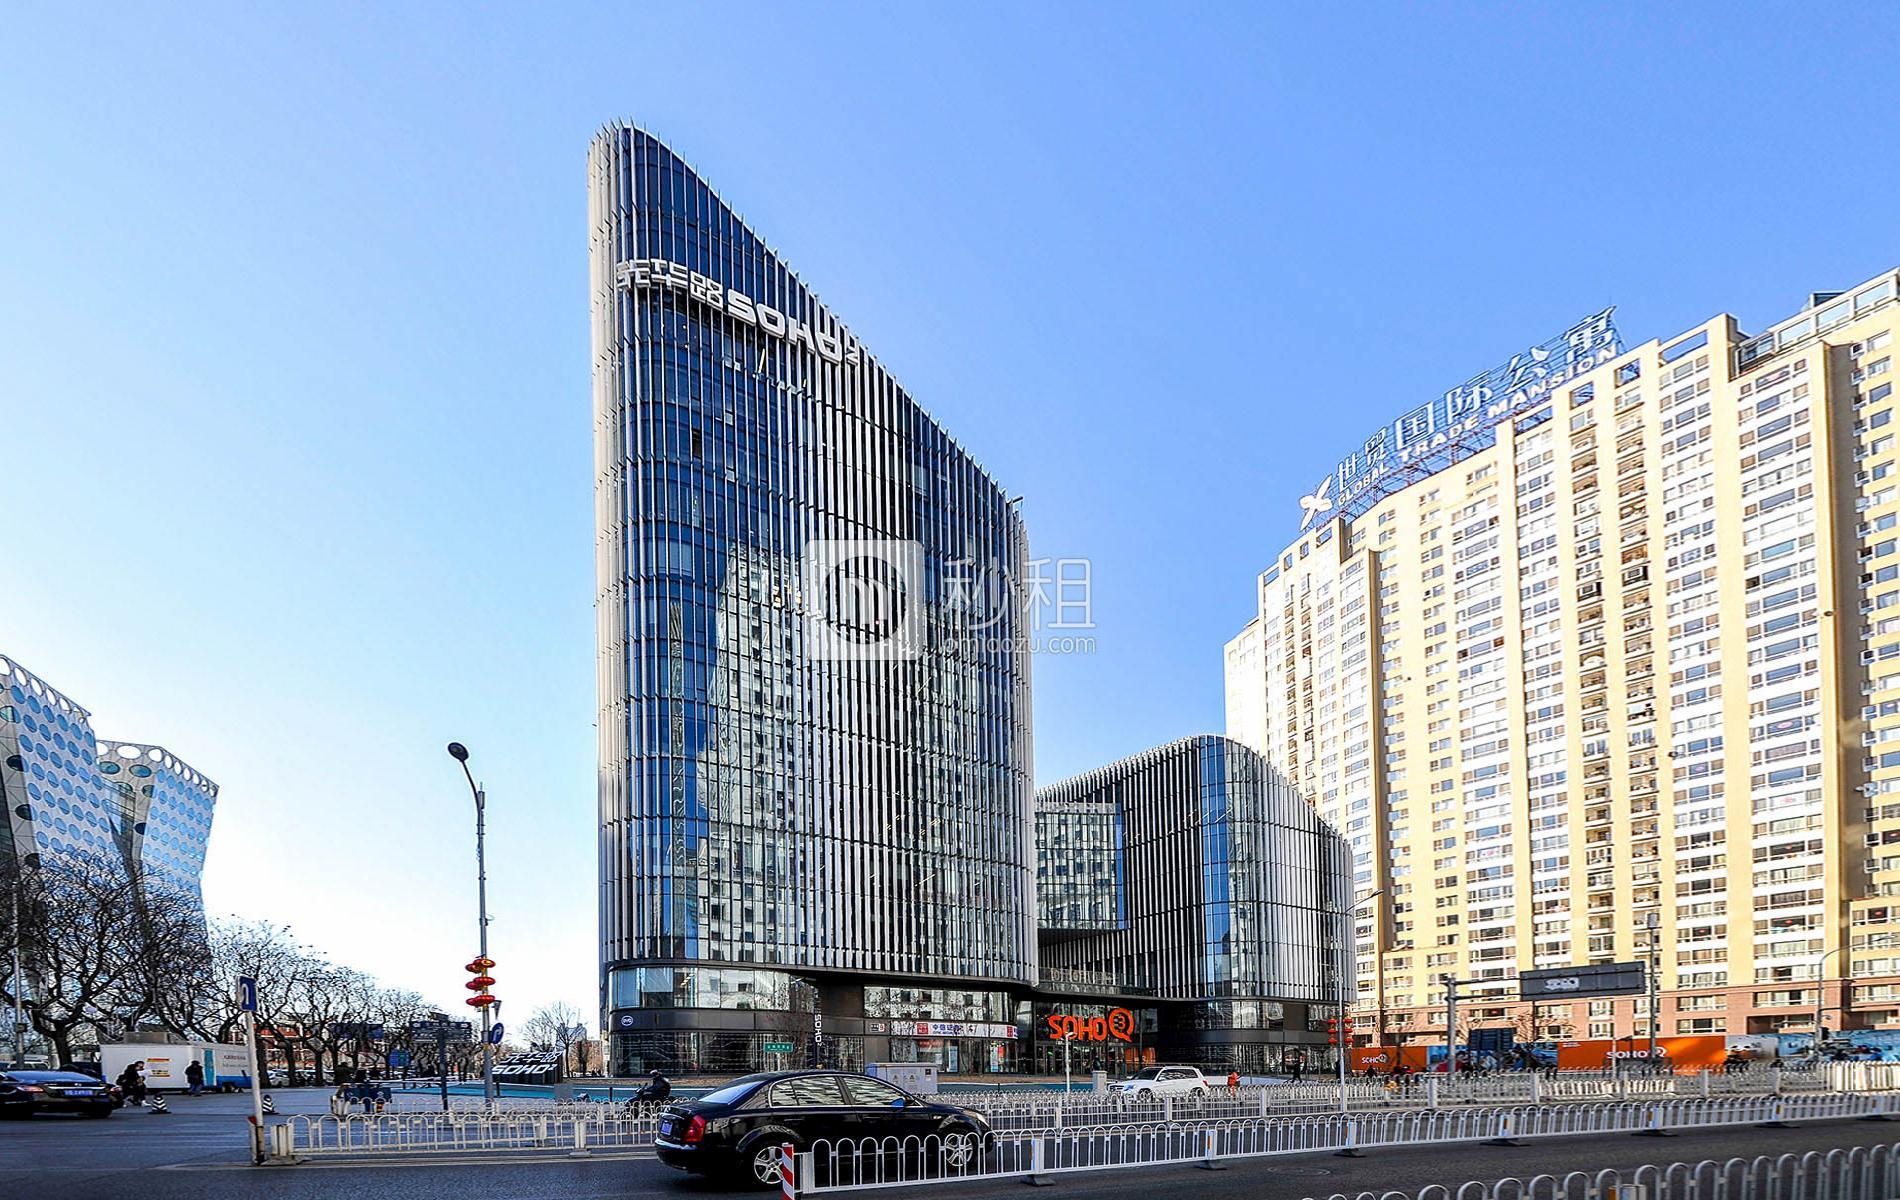 光华路SOHO(二期)写字楼出租/招租/租赁,光华路SOHO(二期)办公室出租/招租/租赁